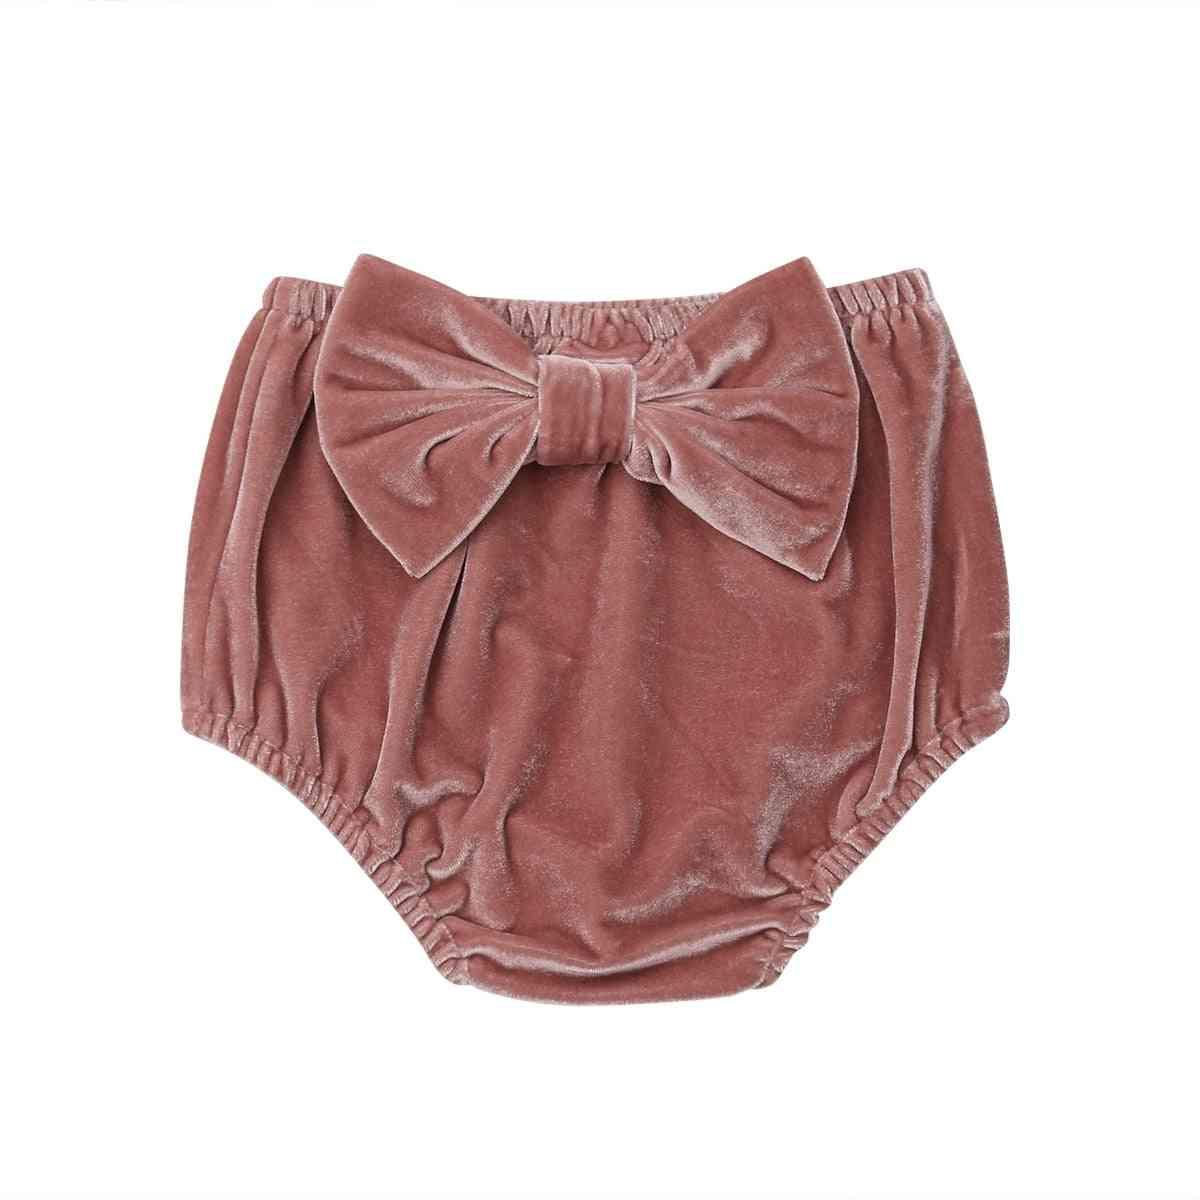 Baby Girl Velvet Shorts Princess Bow Bottoms Shorts Diaper Cover